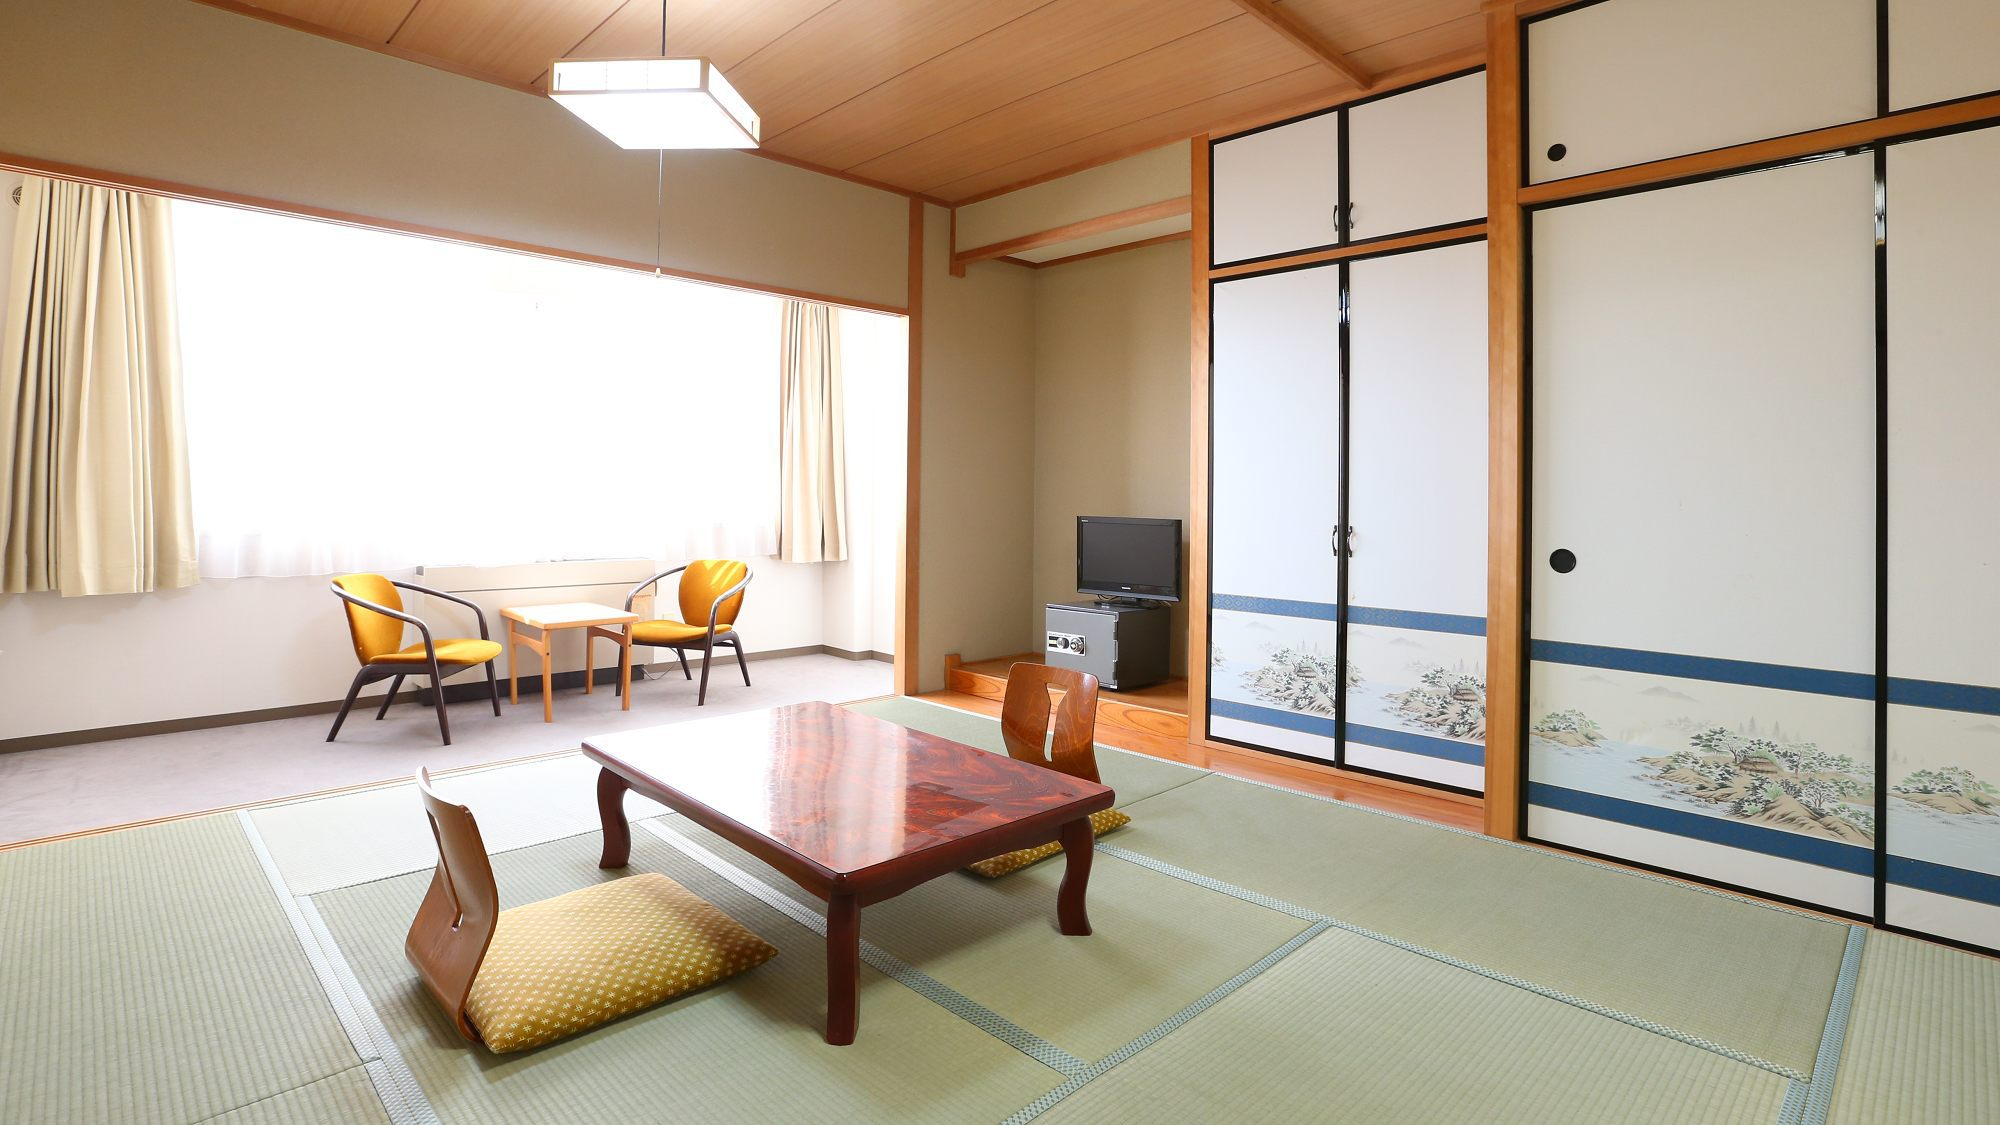 客室一例 全て10畳のお部屋なので、ゆったりとおくつろぎ頂けます。